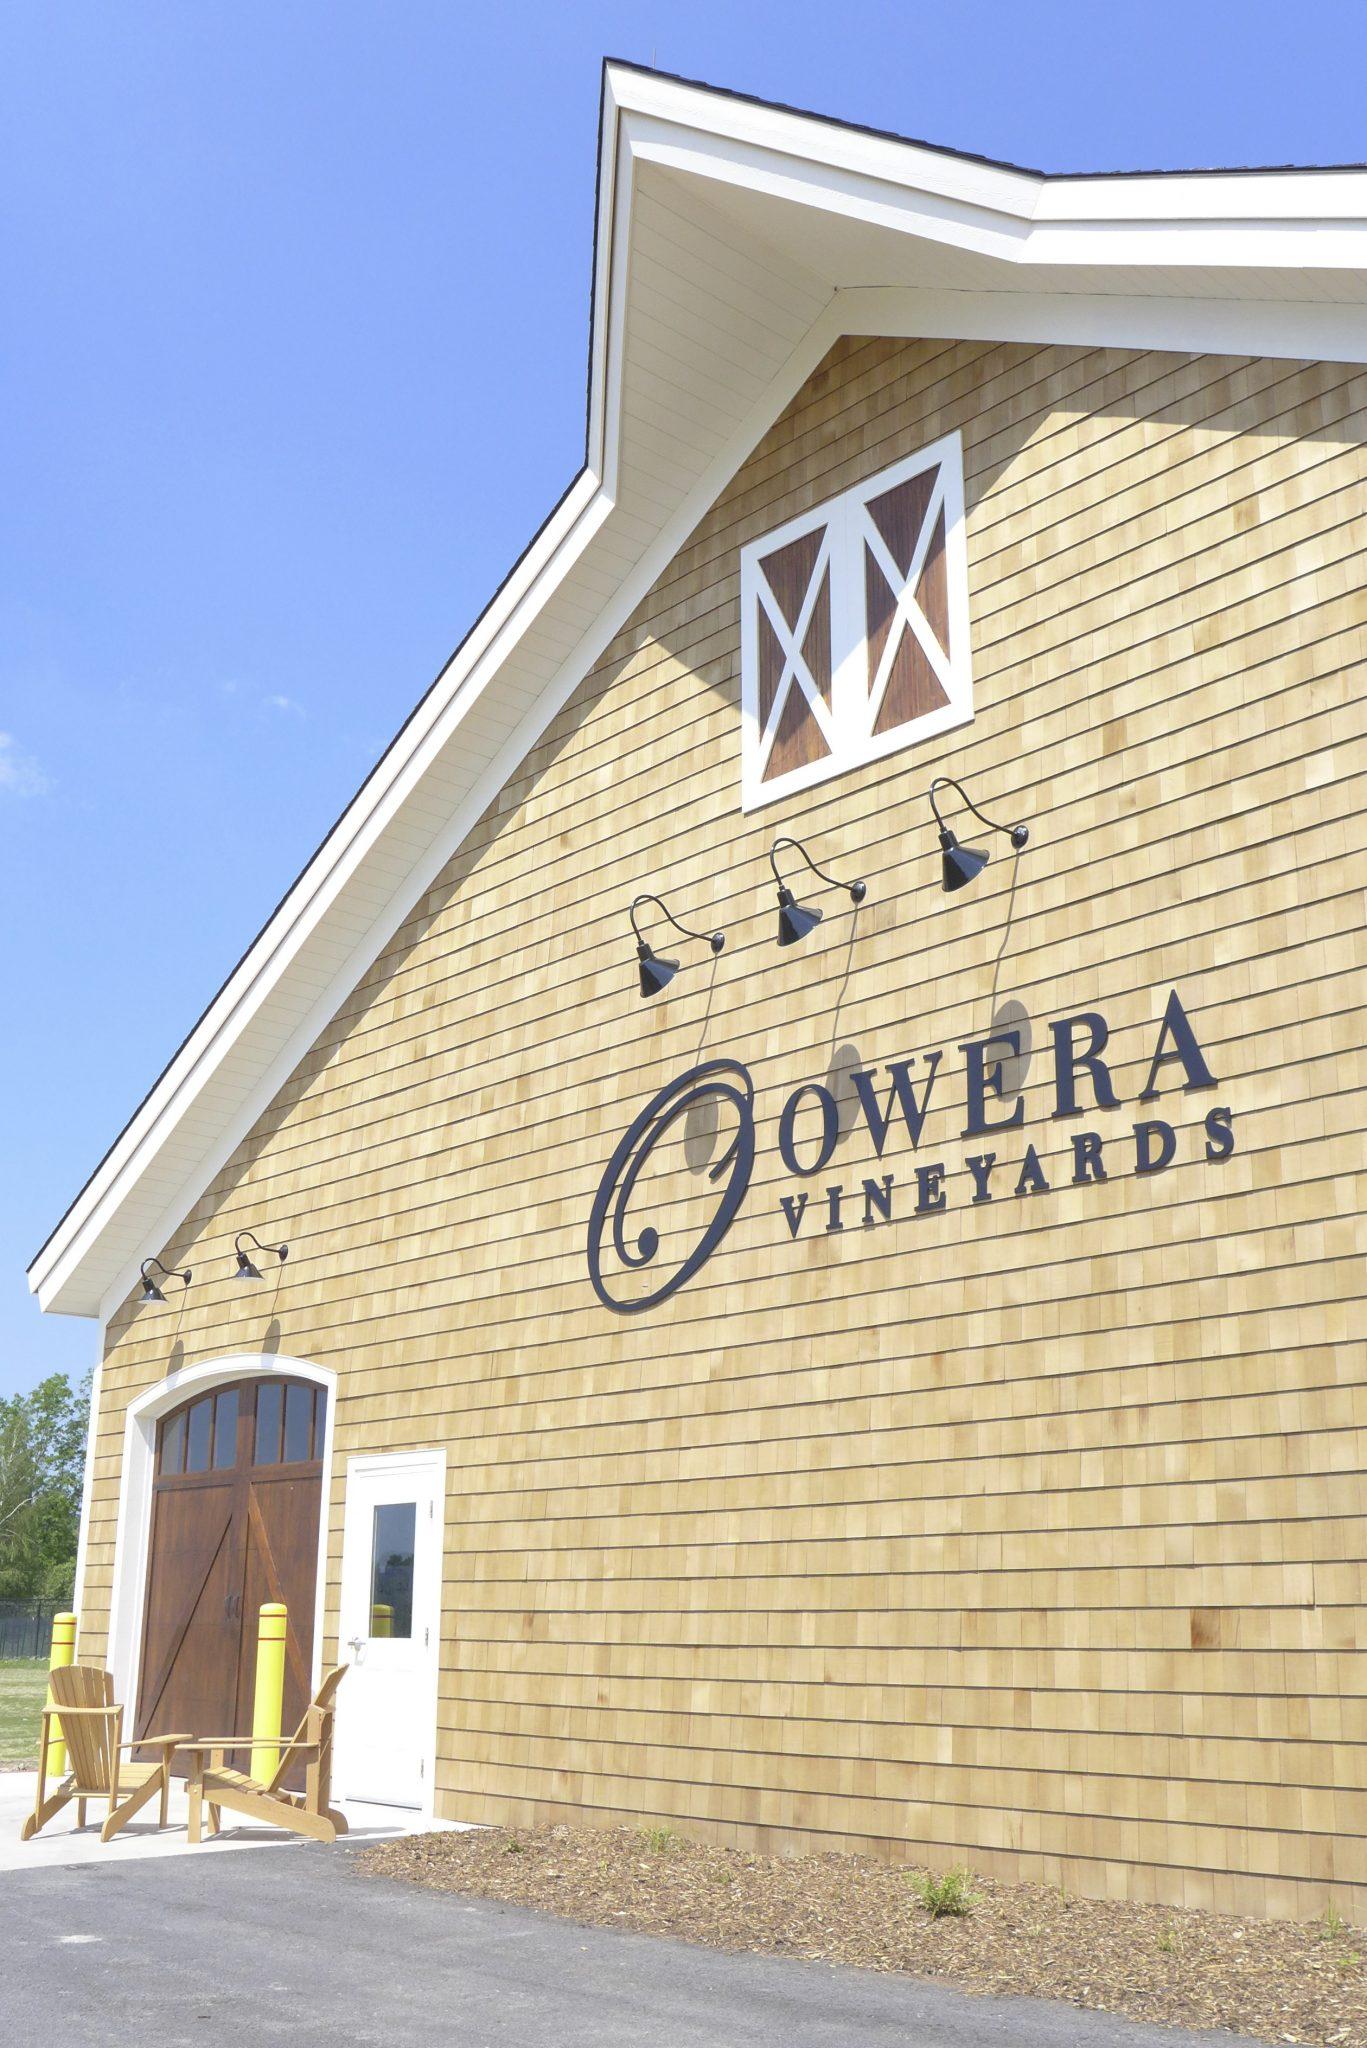 Owera Vineyards wine